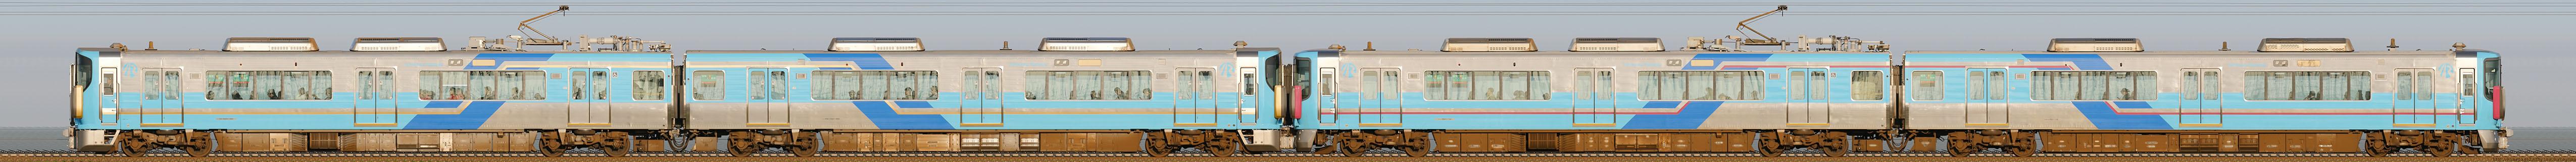 IRいしかわ鉄道521系(海側) >INDEX>編成サイドビュー・近郊型 IRいしかわ鉄道521